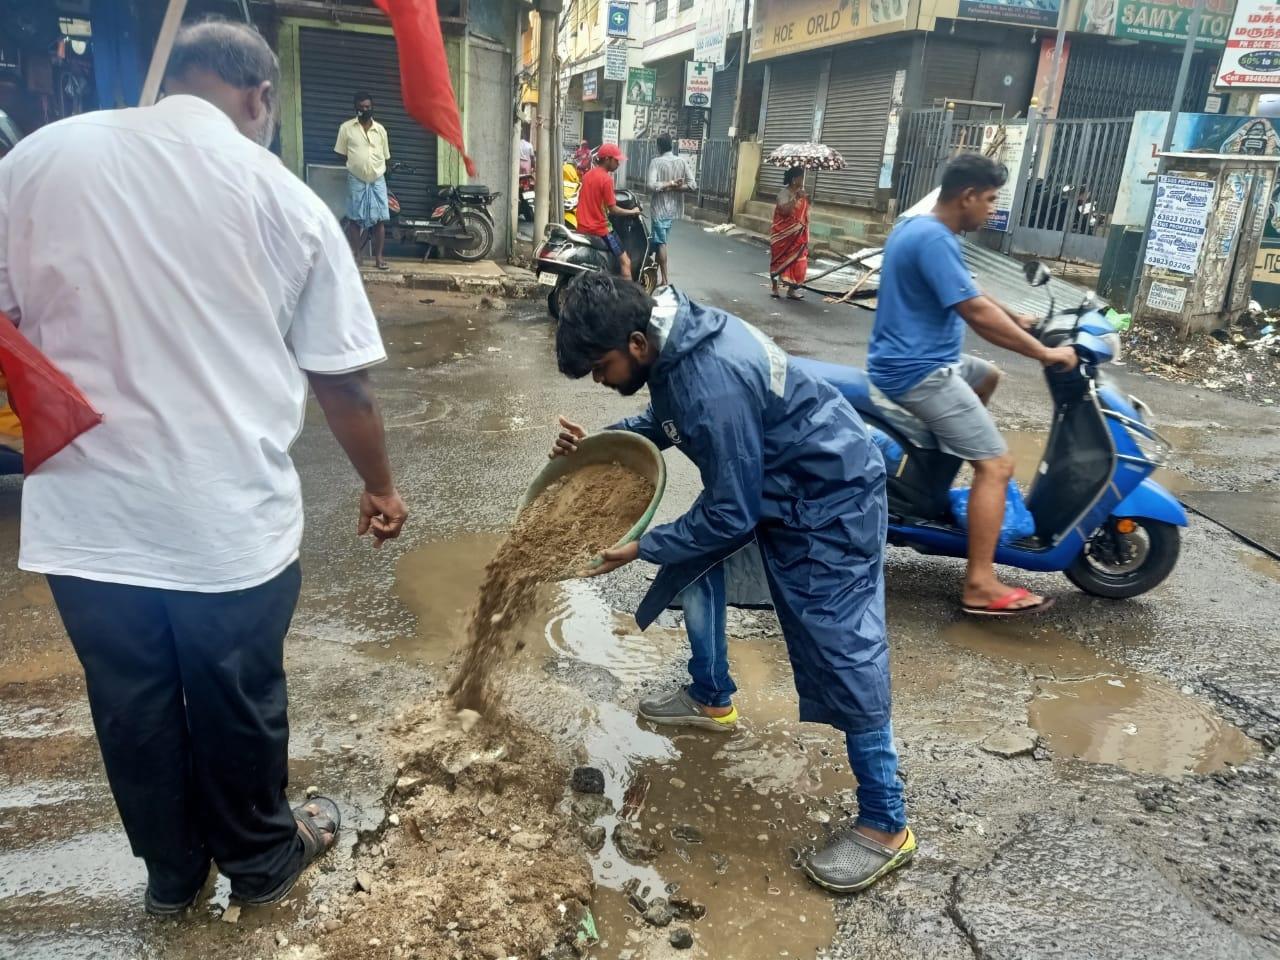 திருவொற்றியூர் -  நெடுஞ்சாலை சீரமைப்பு பணி